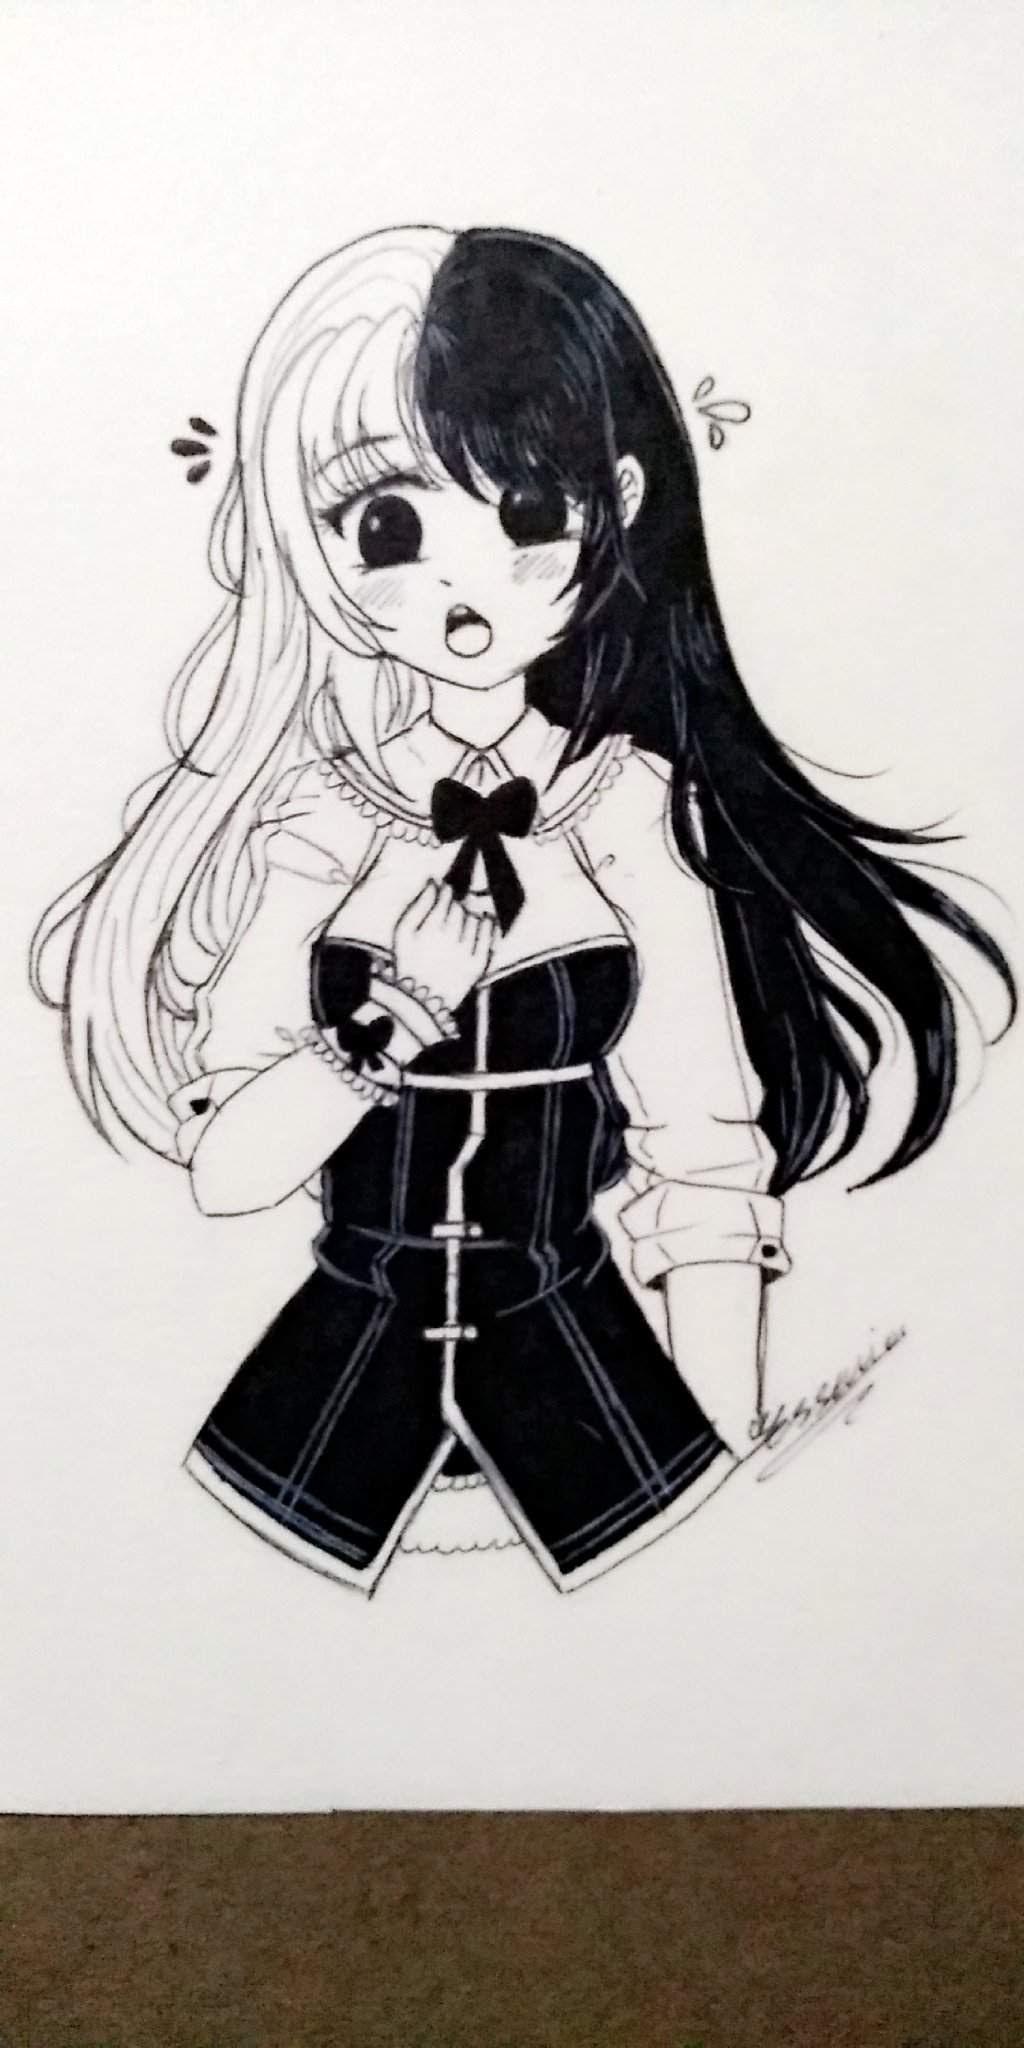 Dibujo Blanco Y Negro 2 Dibujos Y Animes Amino